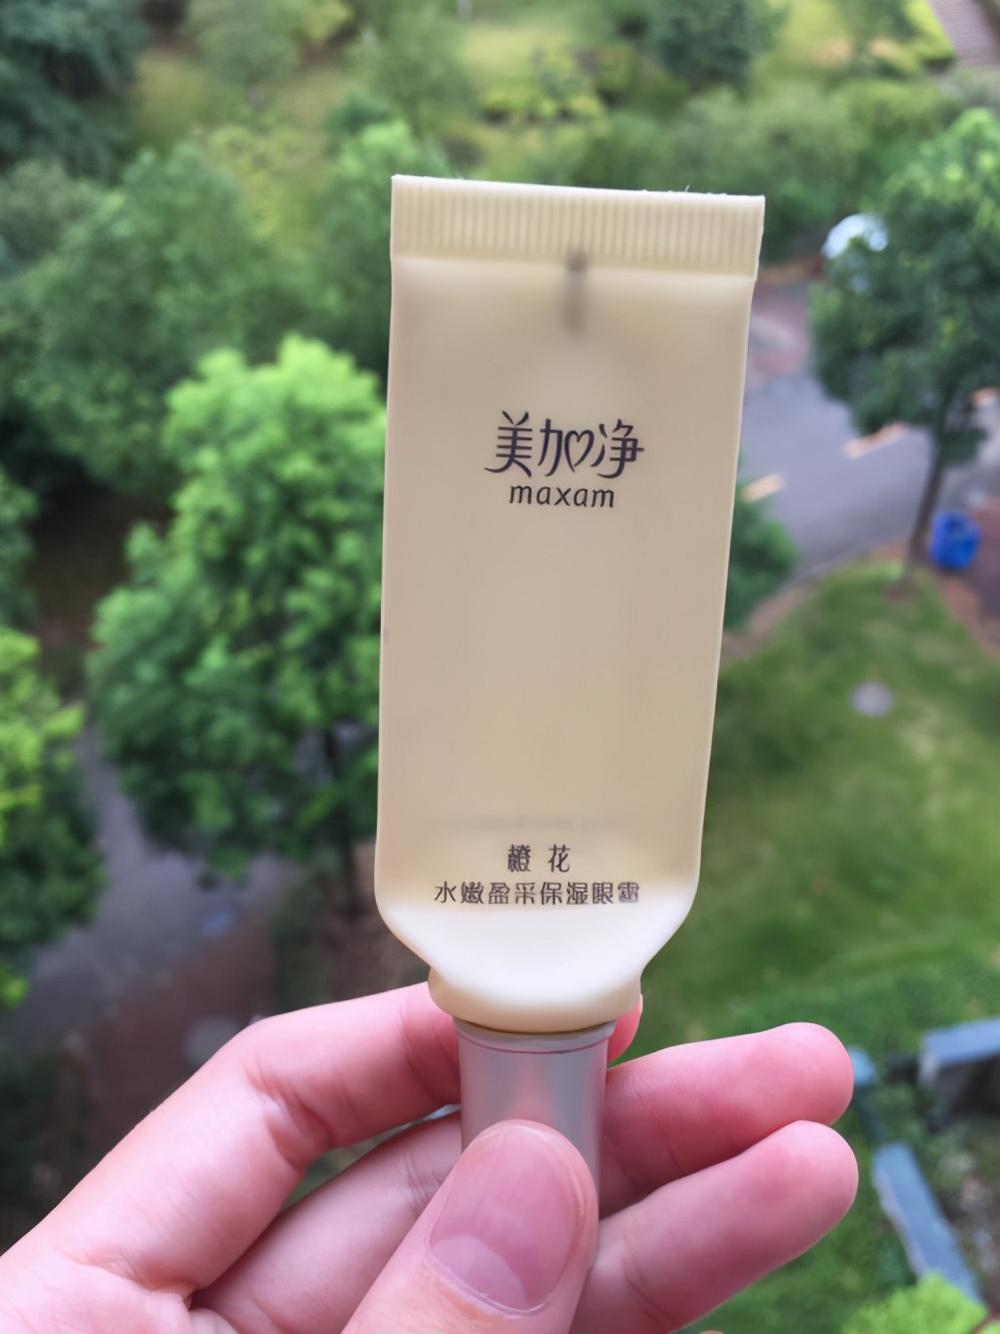 丸美眼霜怎么样(眼霜排行榜前十名眼霜排行榜10强)